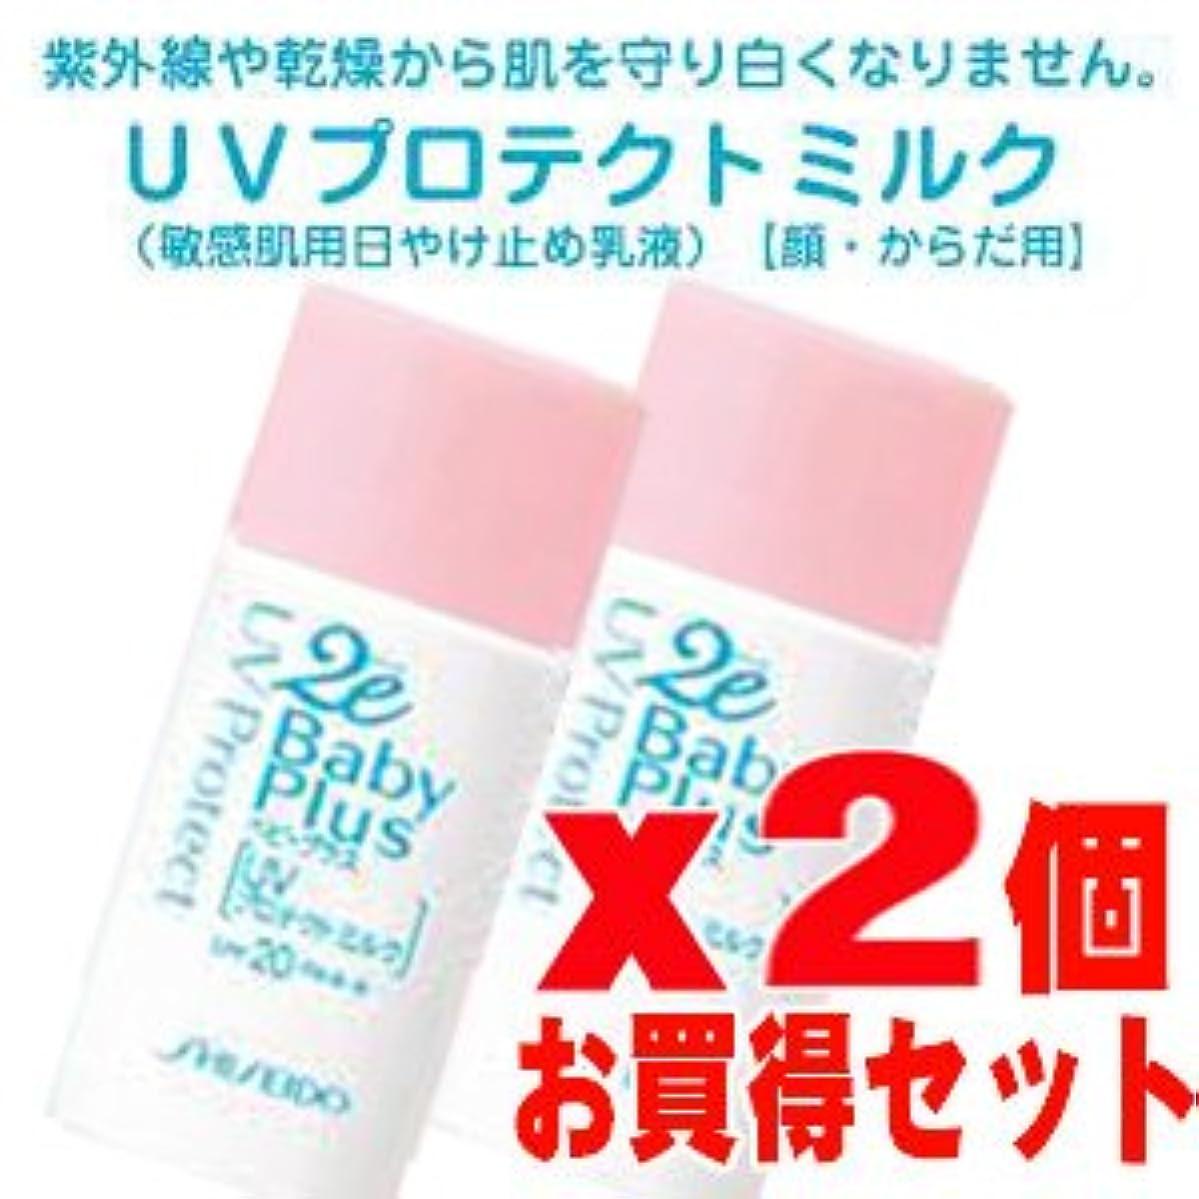 ボックスピル含める2E(ドゥーエ) ベビープラス BABY PLUS UVプロテクトミルク 30MLx2(SPF20?PA++)2個セット